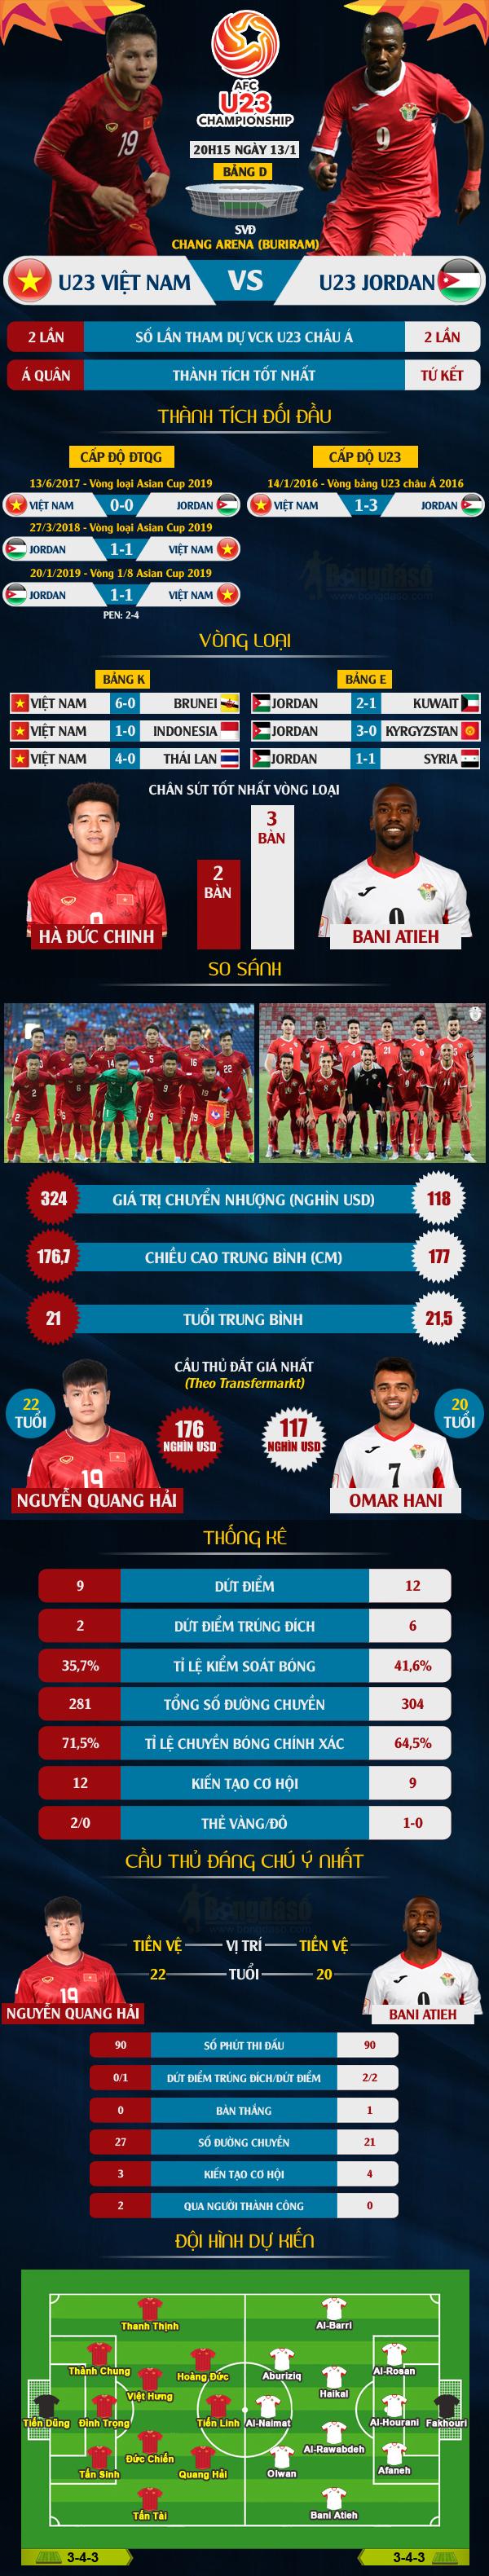 ĐỒ HỌA U23 Việt Nam - U23 Jordan: Vị thế thay đổi